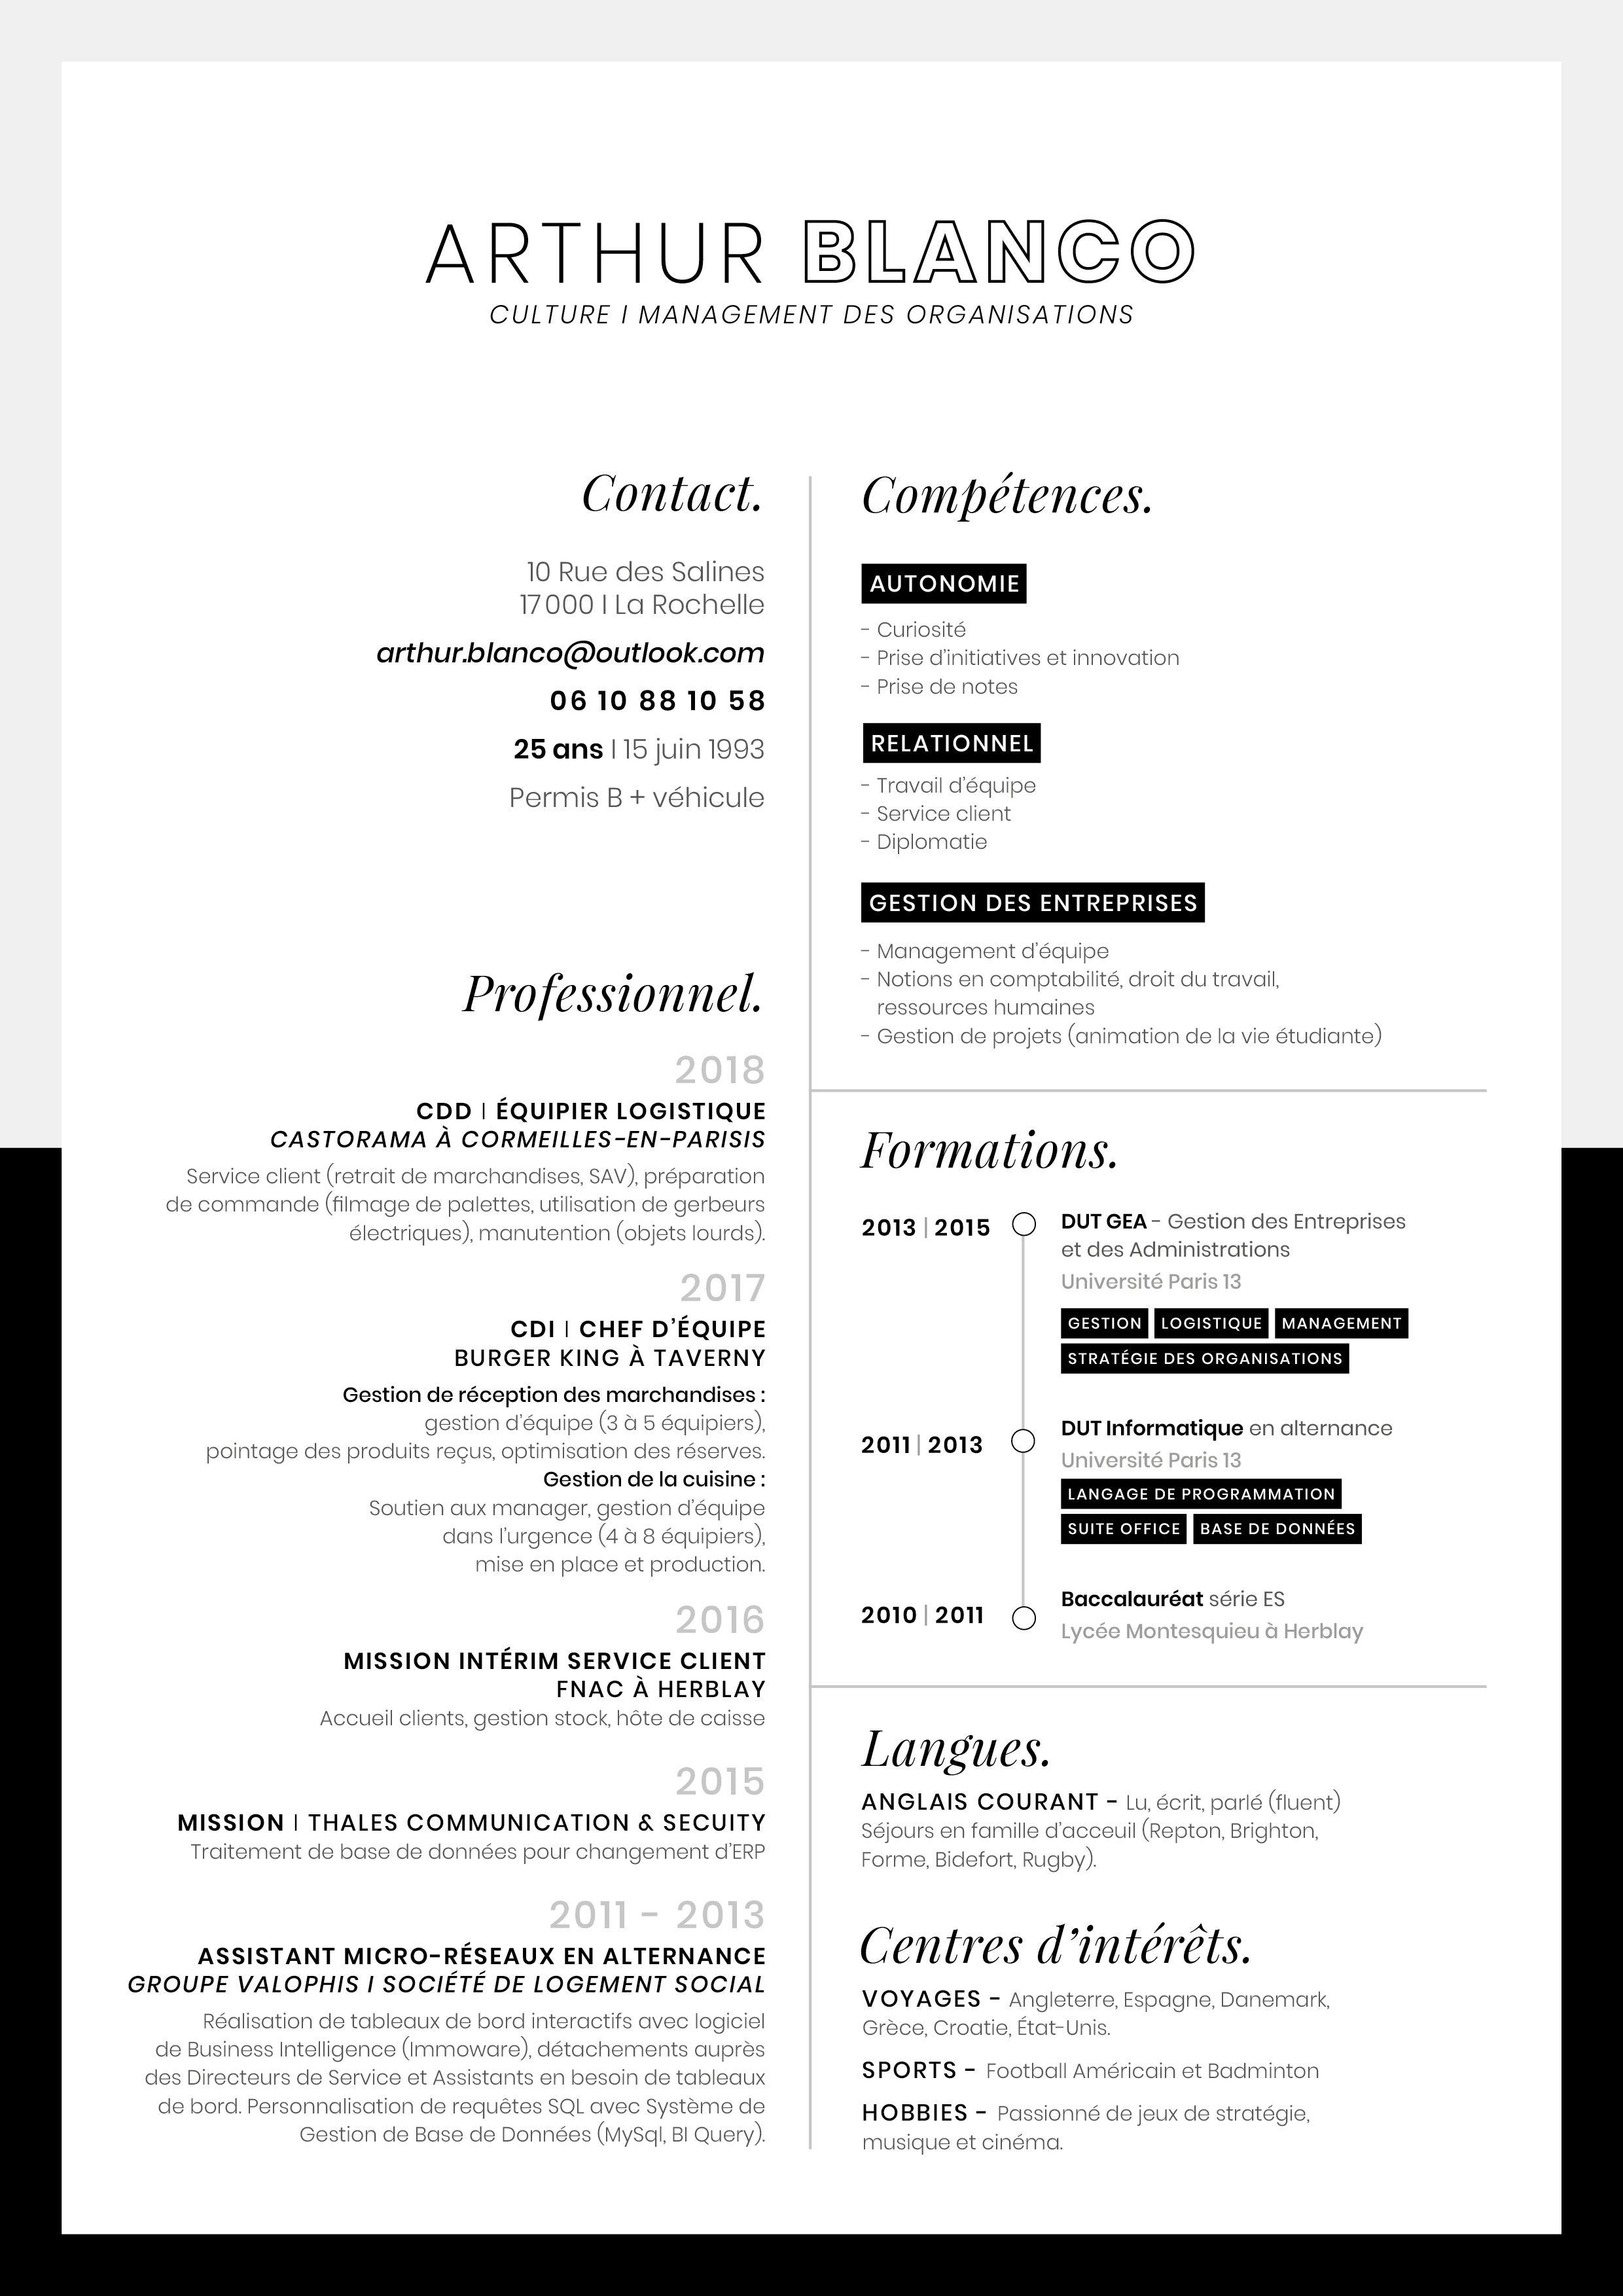 Cv Sobre Et Design Pour Un Poste De Management Et Secteur Culturel Gestion Entreprise Design Droit Du Travail